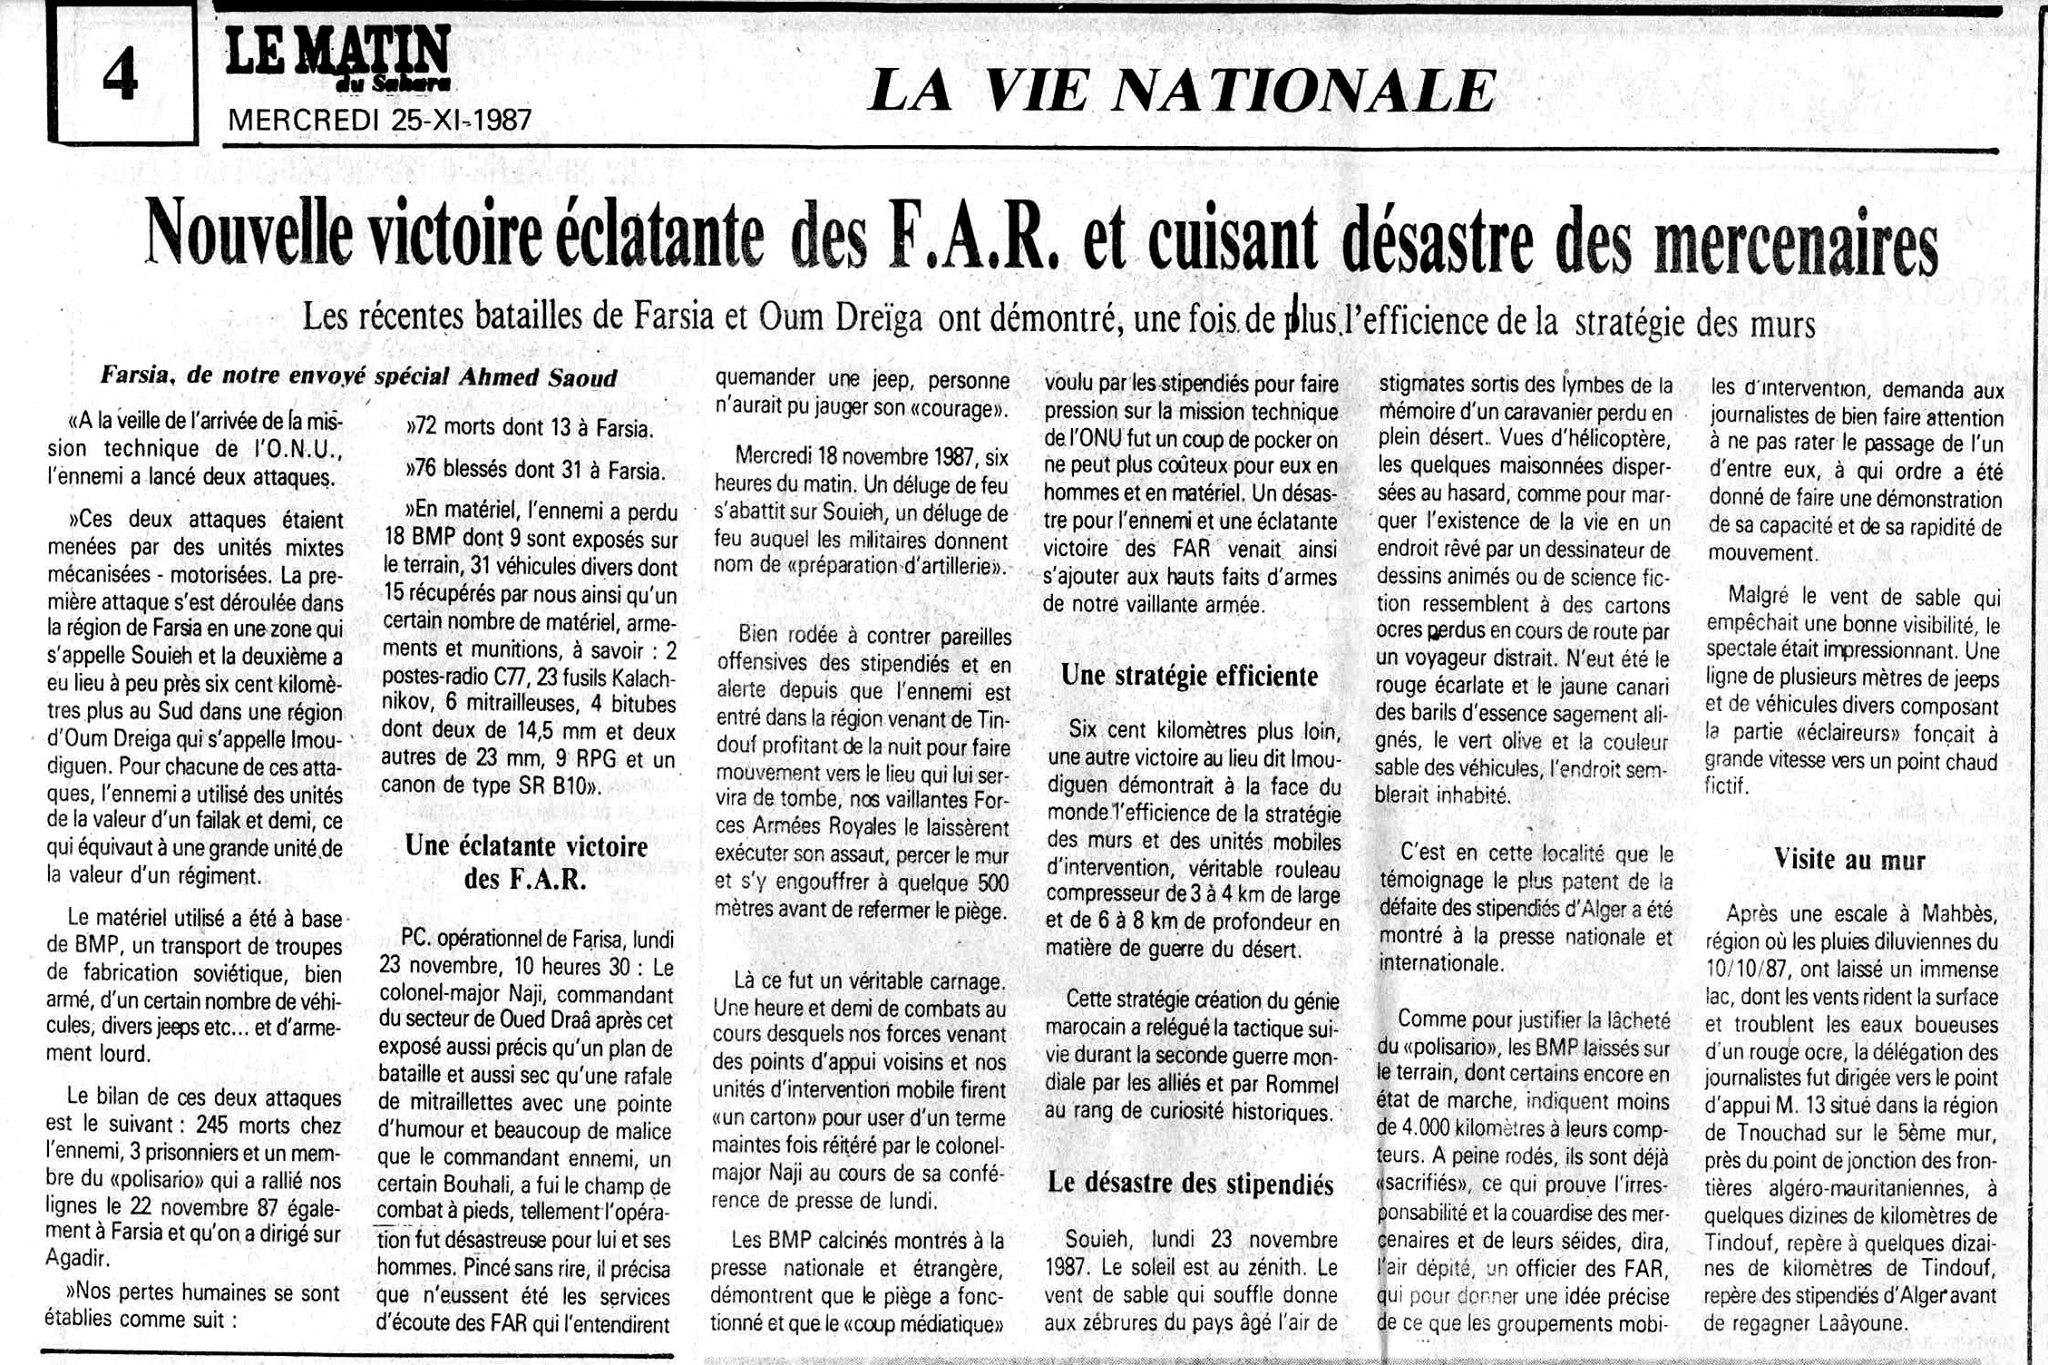 La Bataille de Farsia - 18 novembre 1987 - Page 2 50615826002_7729c6b217_o_d